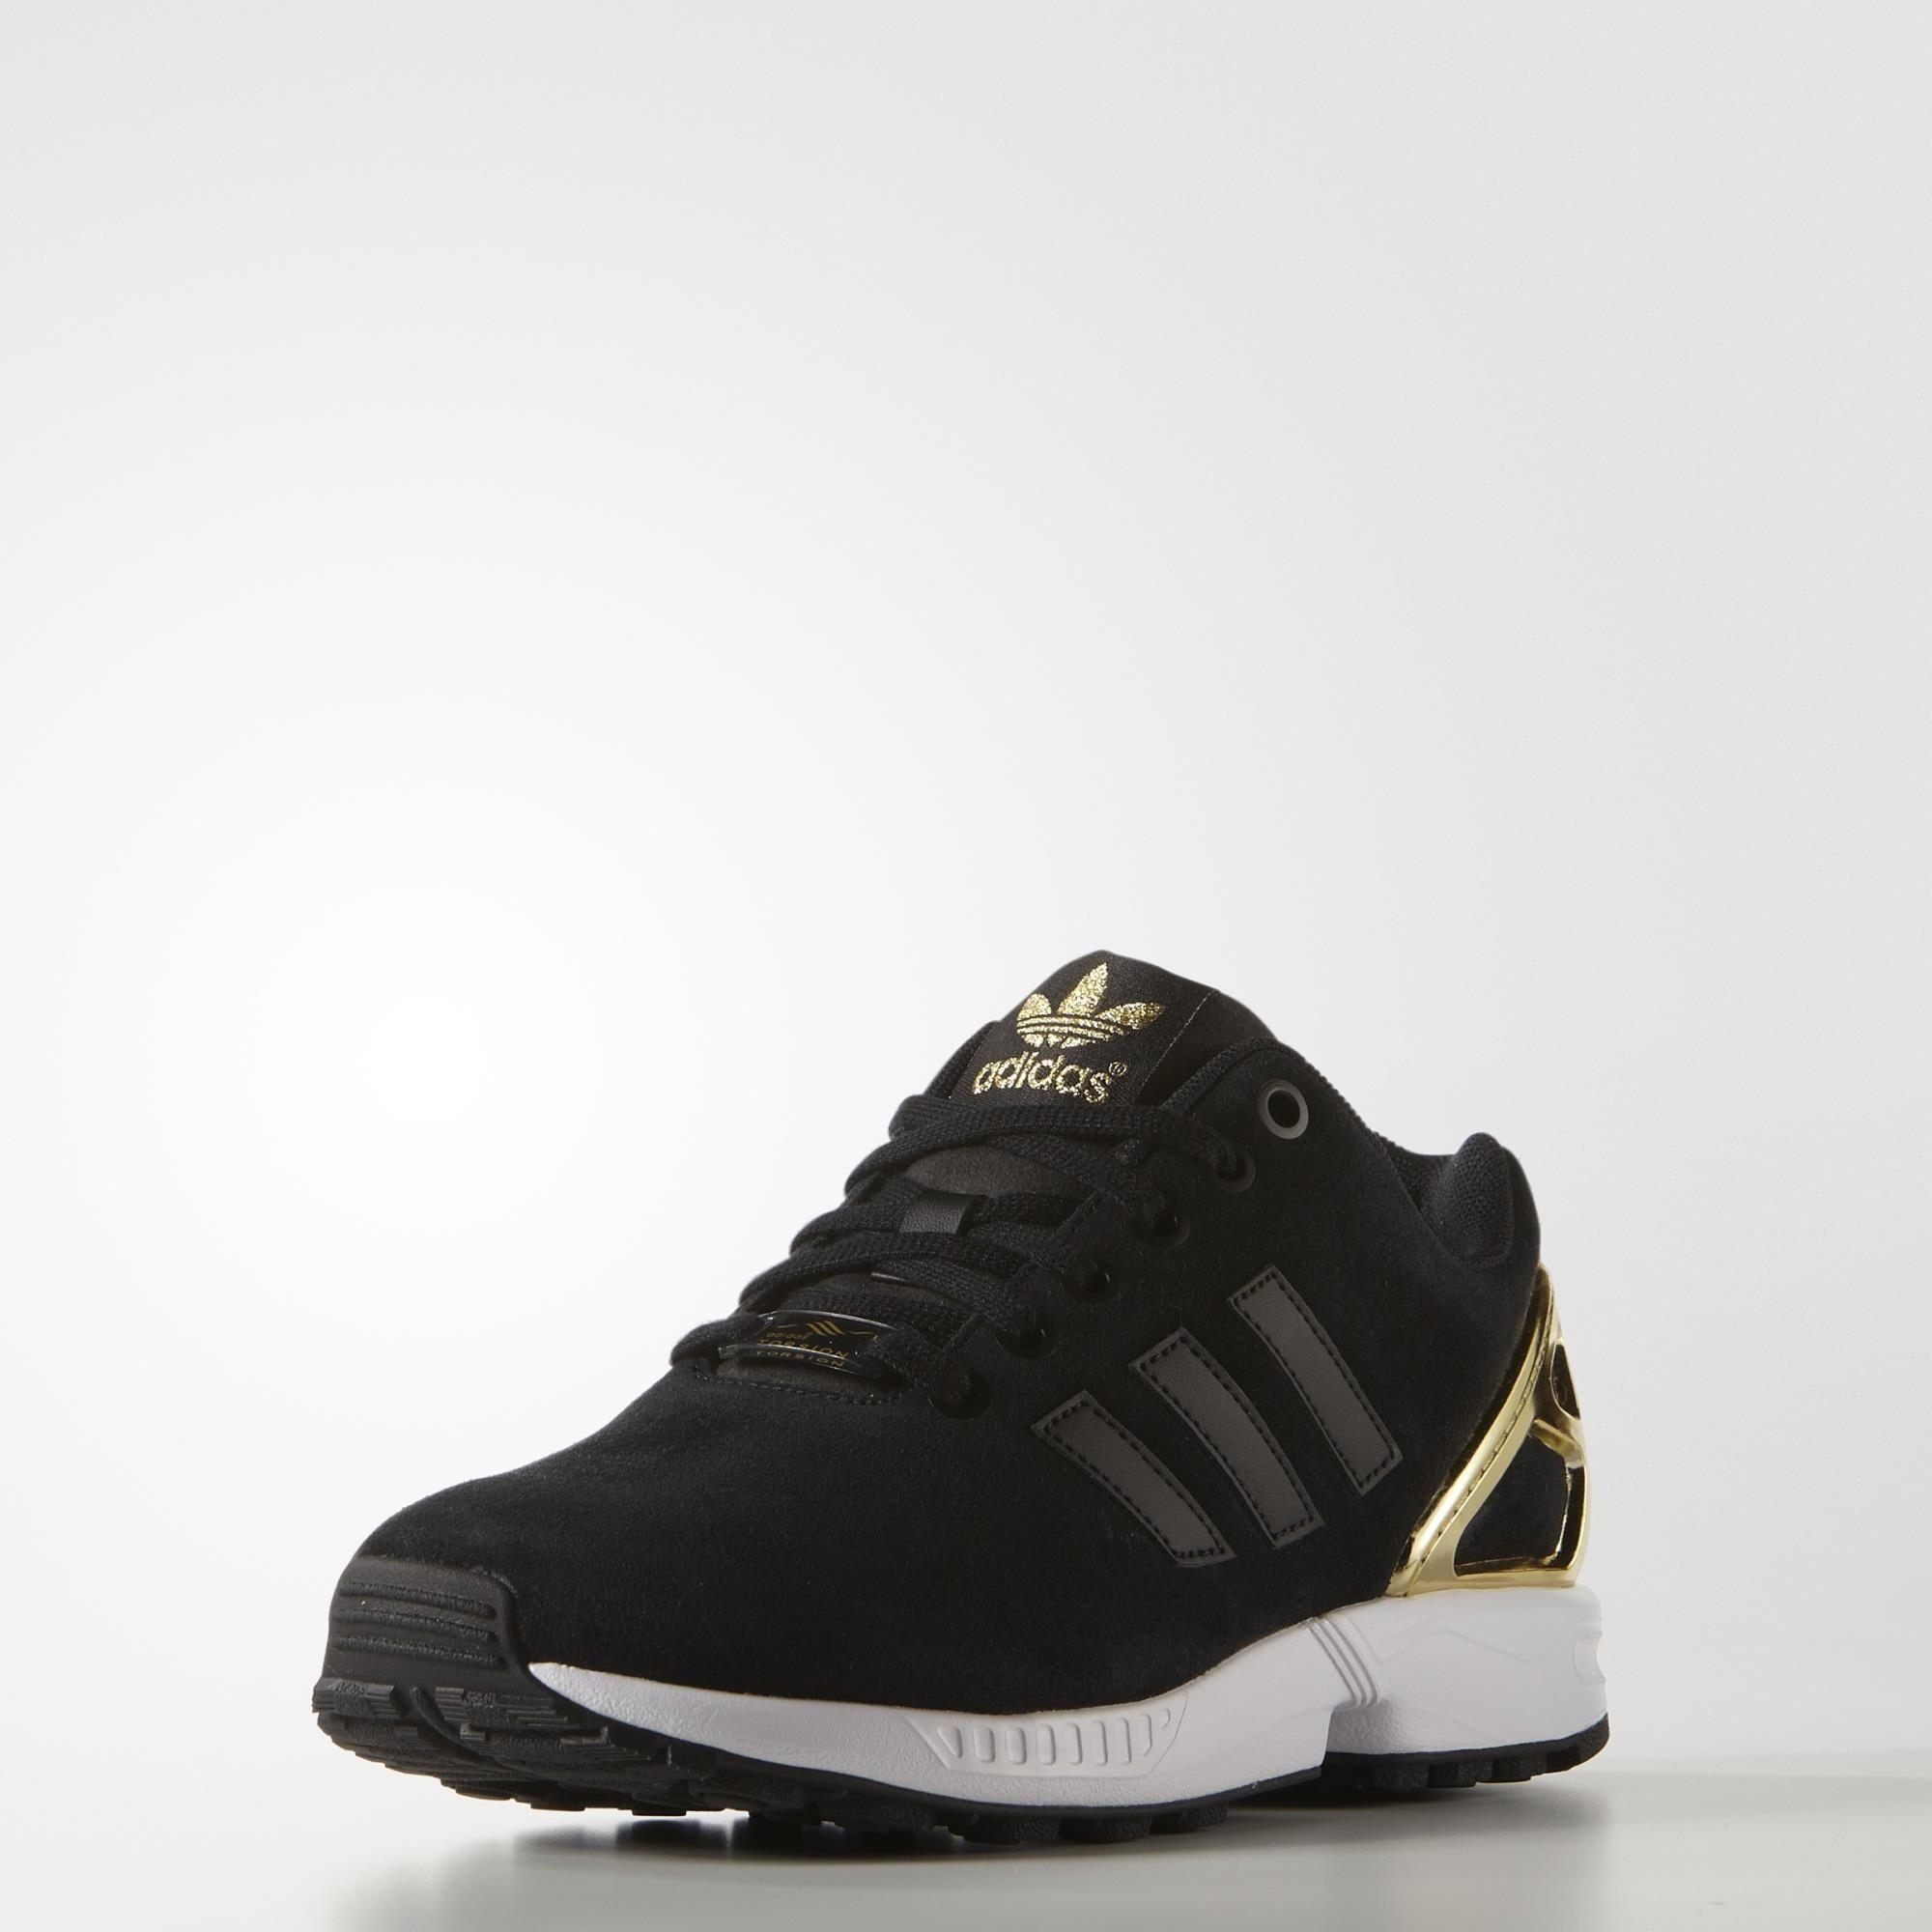 adidas zx flux donna nero e gold